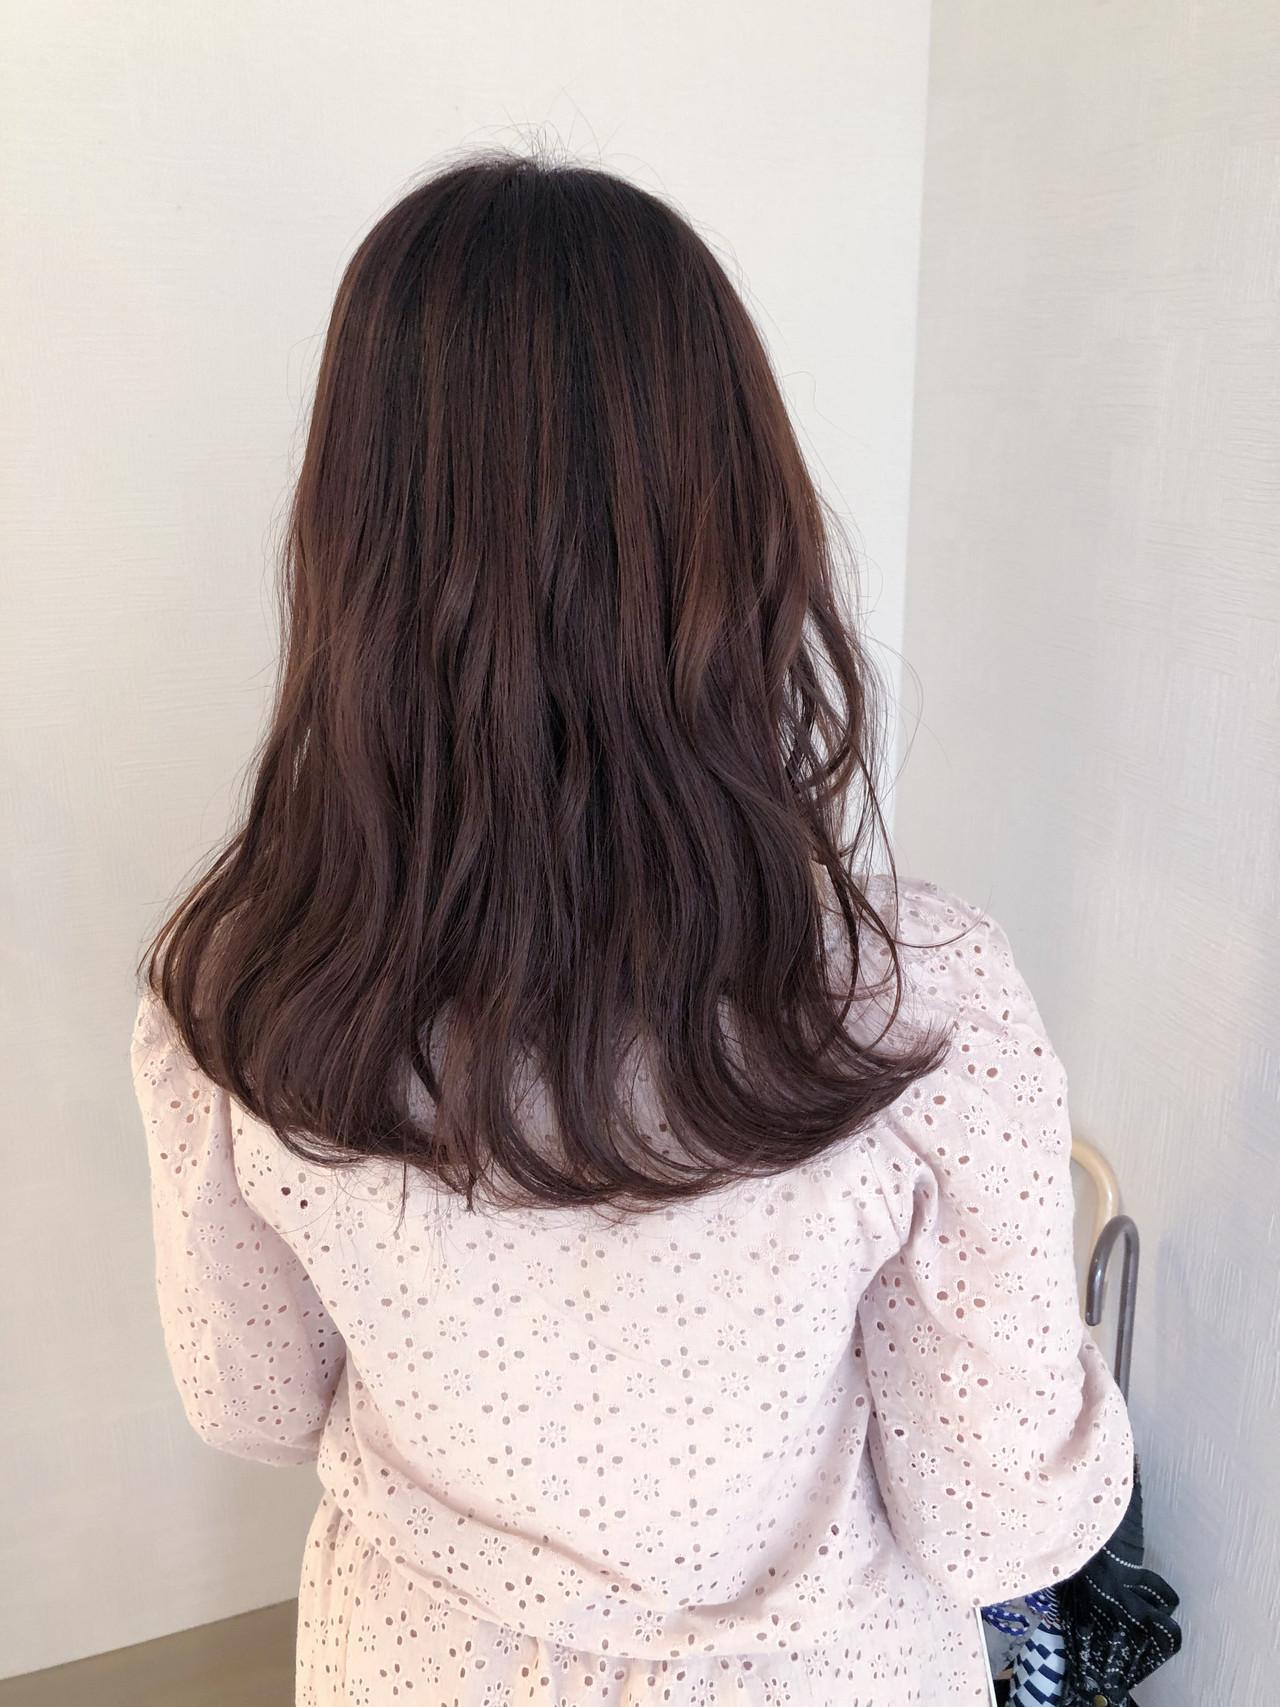 ナチュラル ラベンダーピンク ピンクベージュ ピンクブラウン ヘアスタイルや髪型の写真・画像